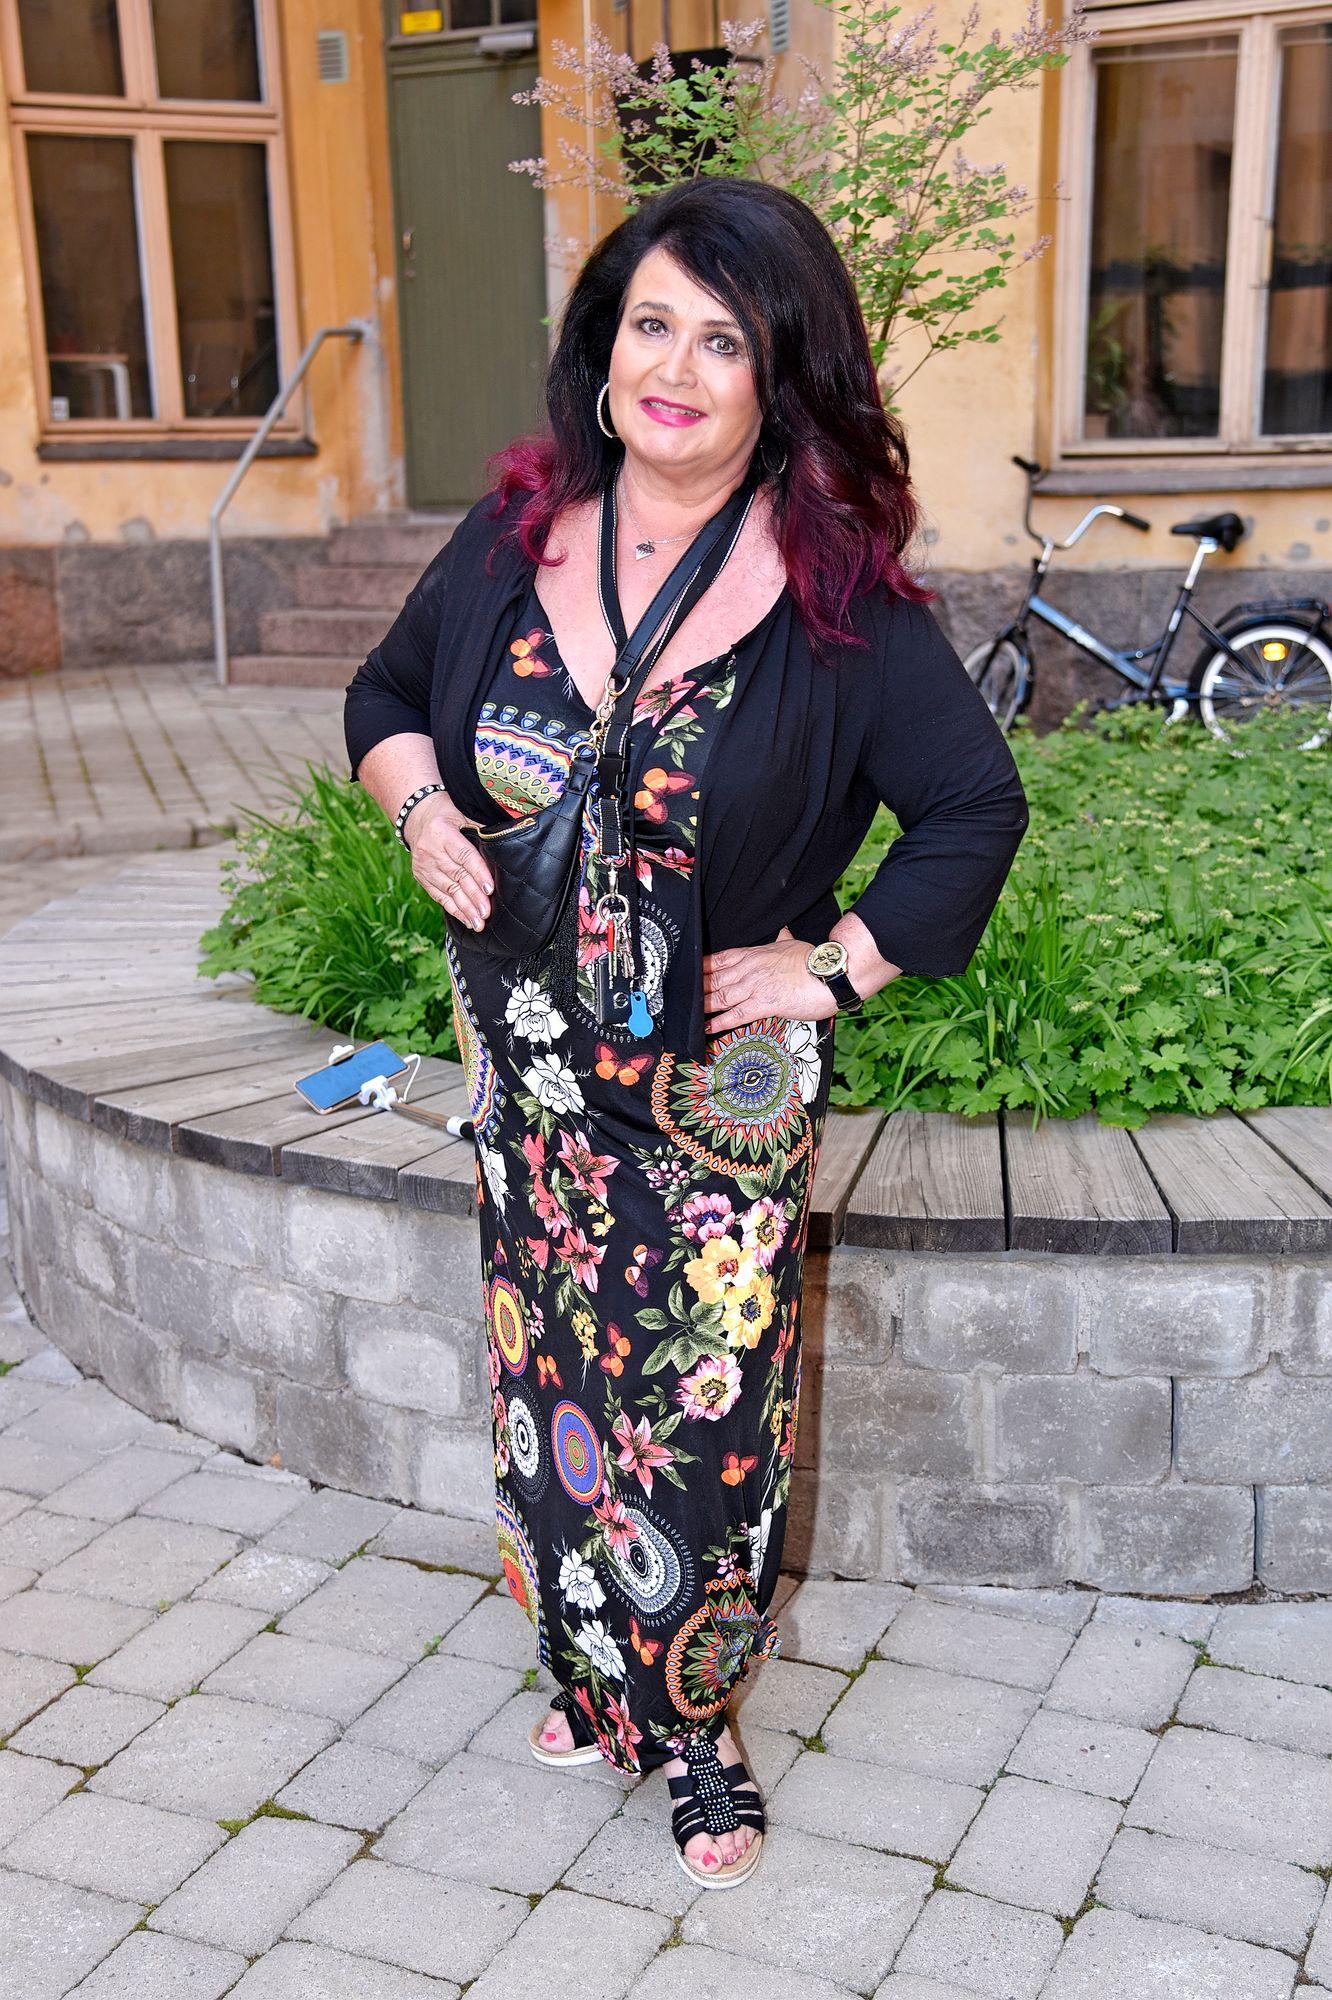 """Laulaja Meiju Suvas tähdittää Maitolavan Madonnat -esitystä Karvian Skanzissa ja Mäntyharjun kesäteatterissa. """"Keikat alkavat nyt myös. Kiire voi kyllä tulla kun on tässä nyt tottunut ottamaan rennosti."""""""